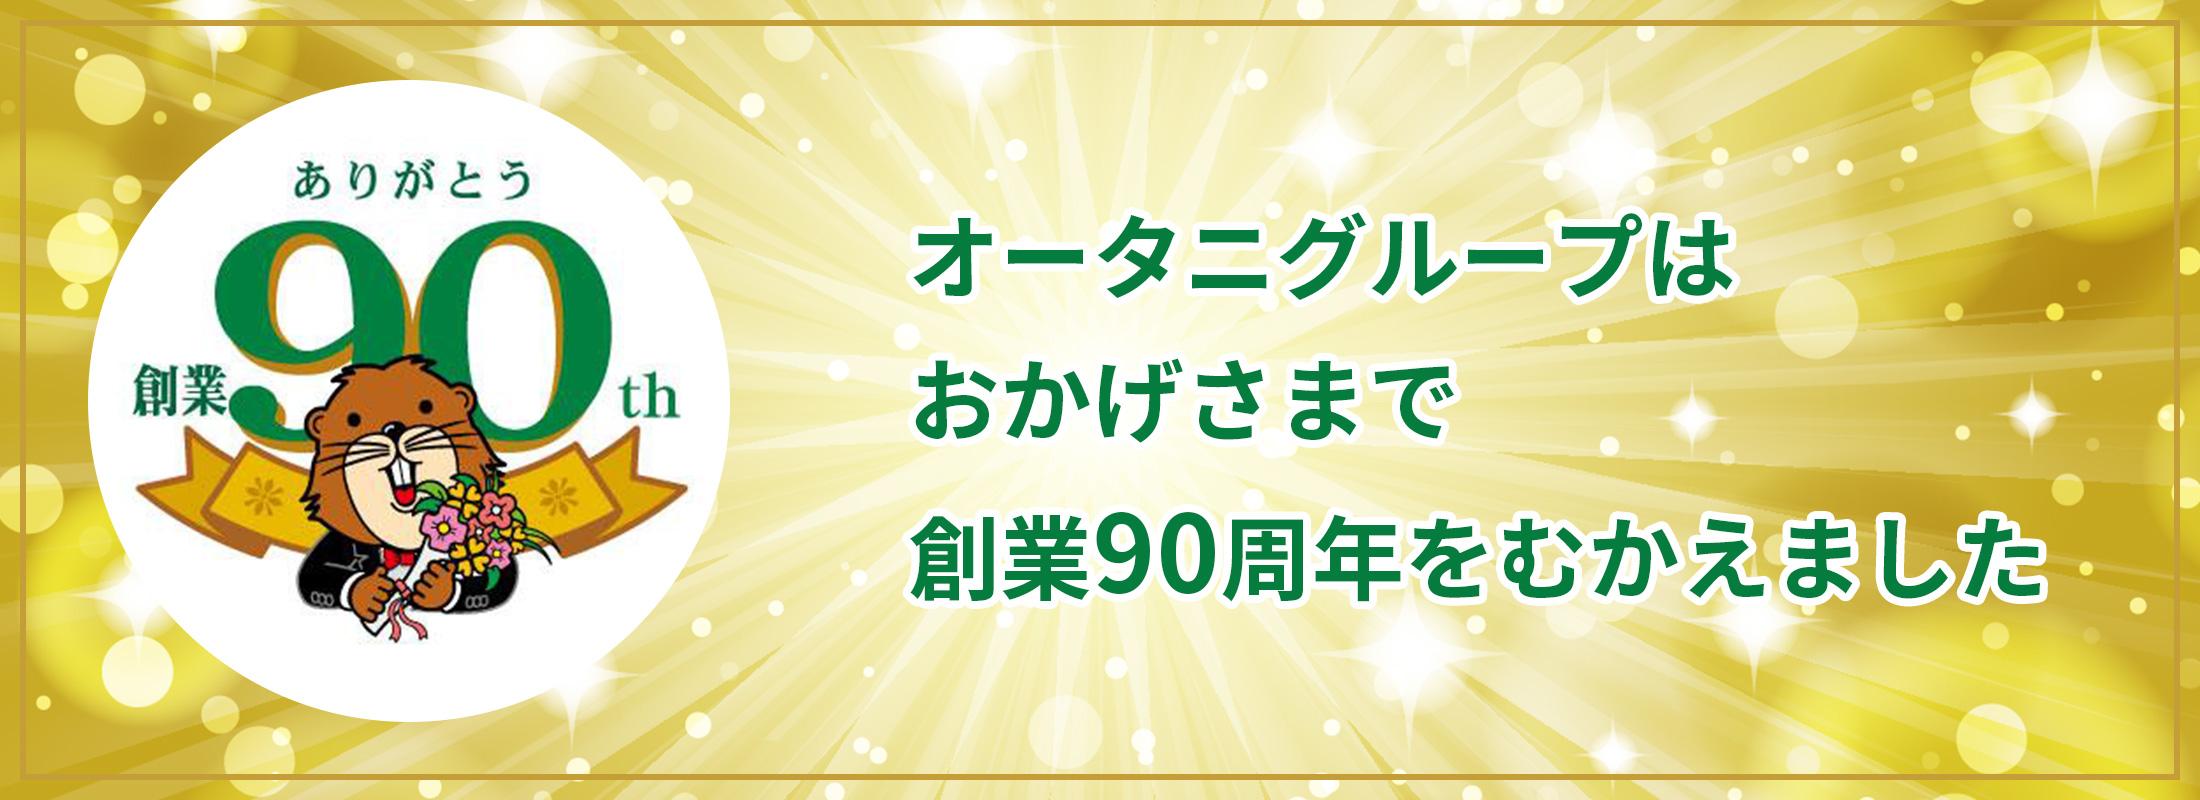 オータニグループ創業90周年